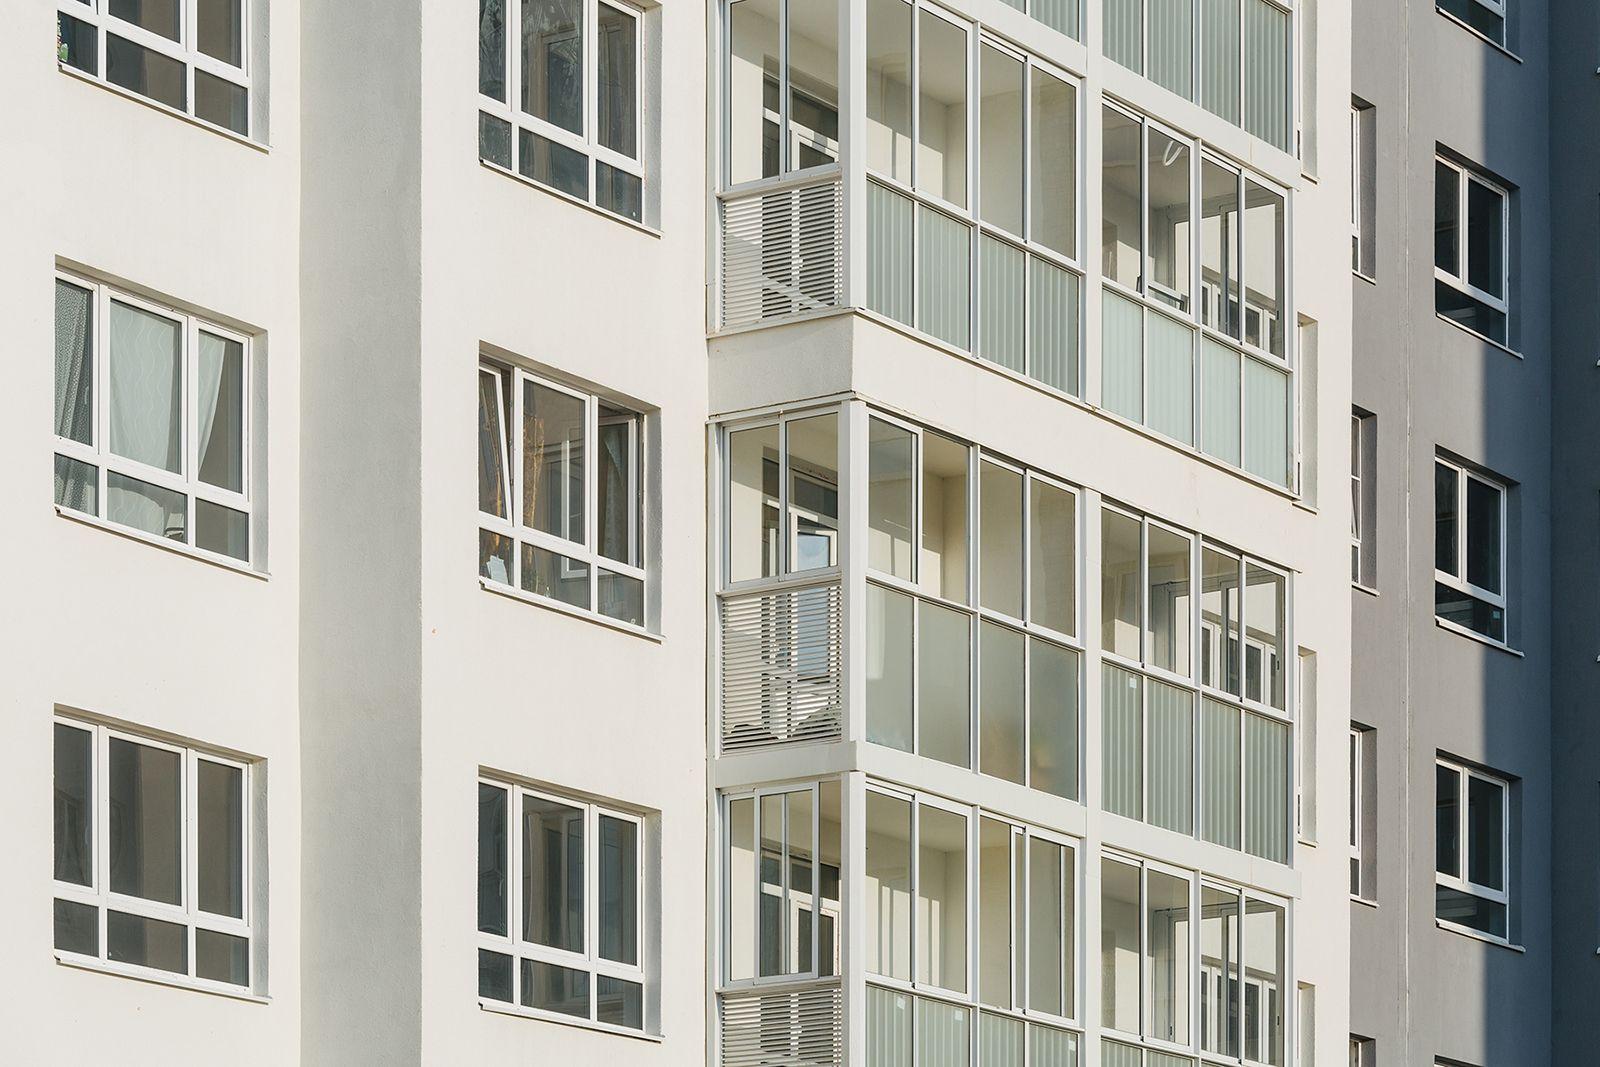 купить квартиру в ЖК Белые ночи